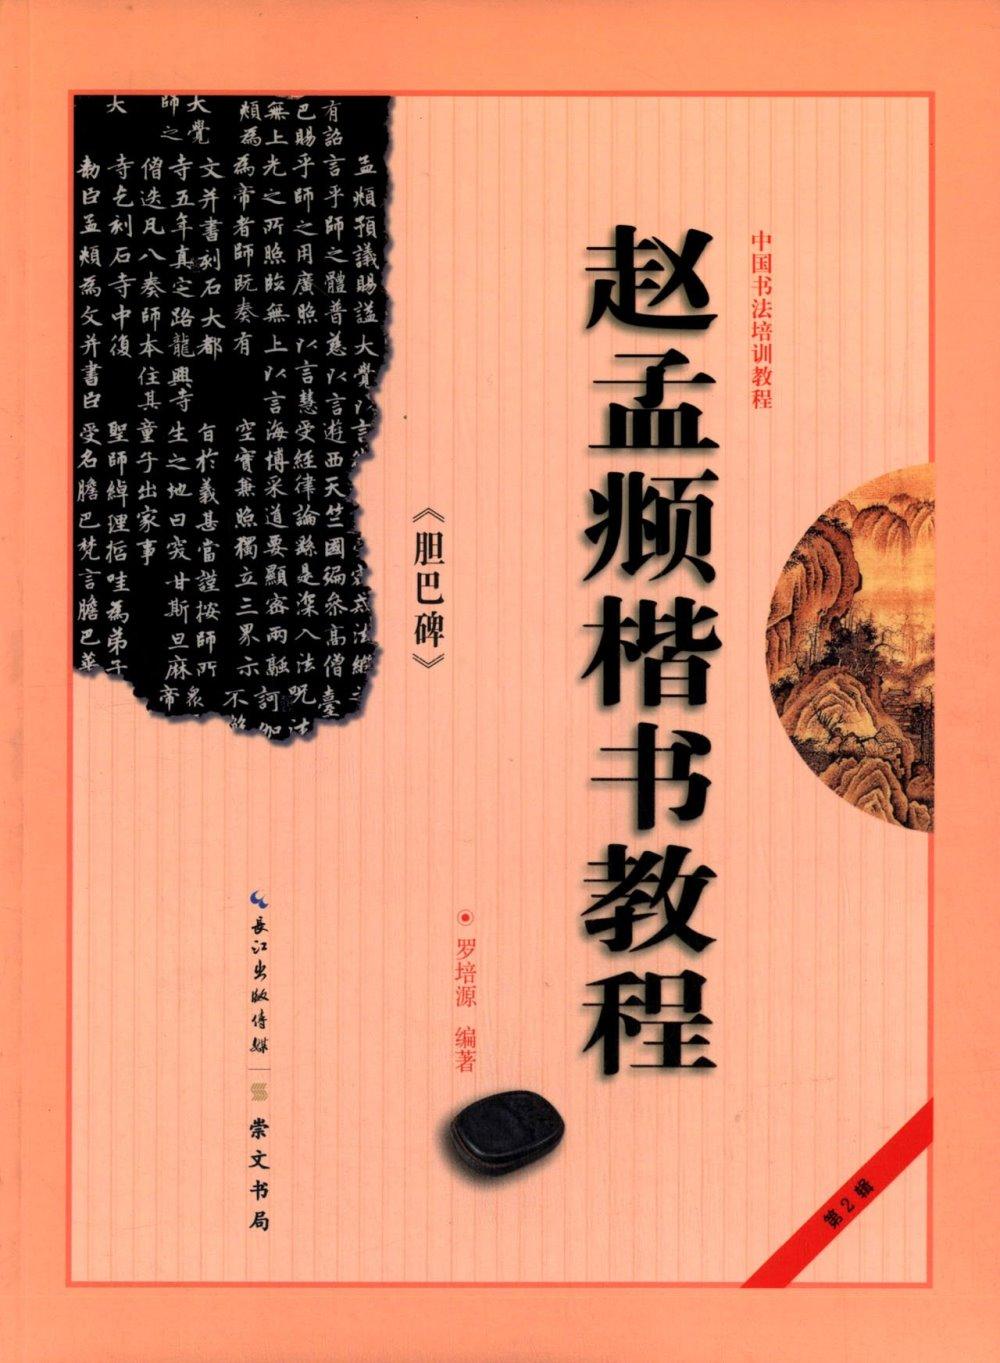 中國書法培訓教程(第2輯):趙孟睢兜 捅 房 榻壇? style=